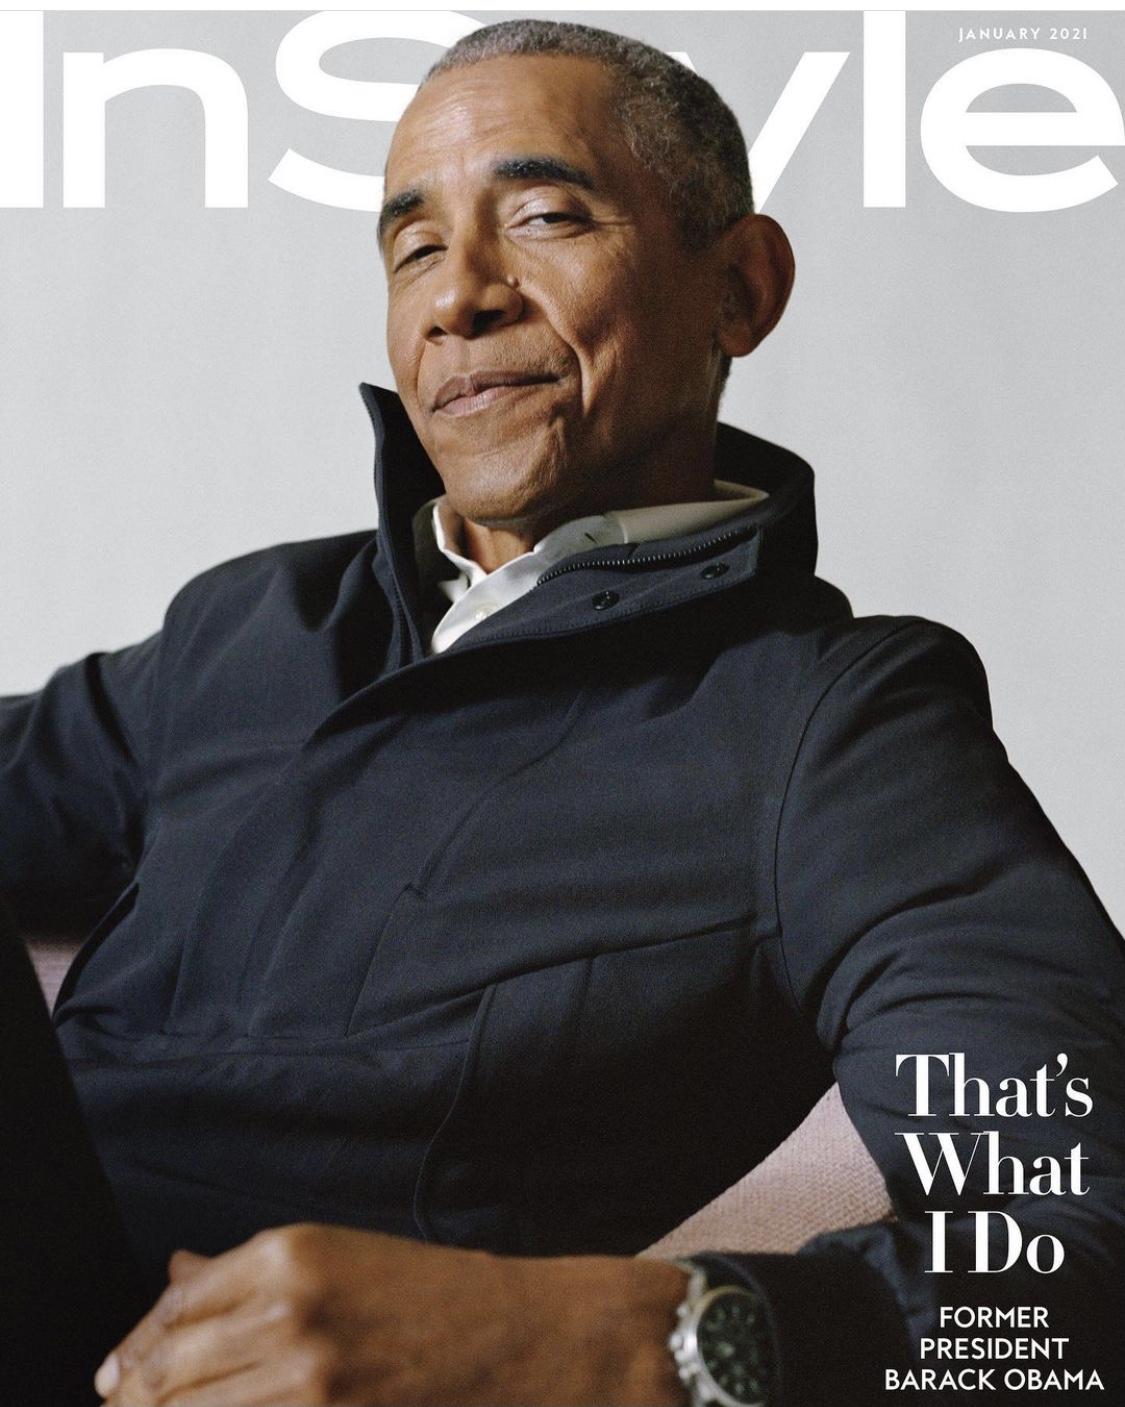 Barack-Obama-InStyle-magazine-January-issue-A-promised-land-book